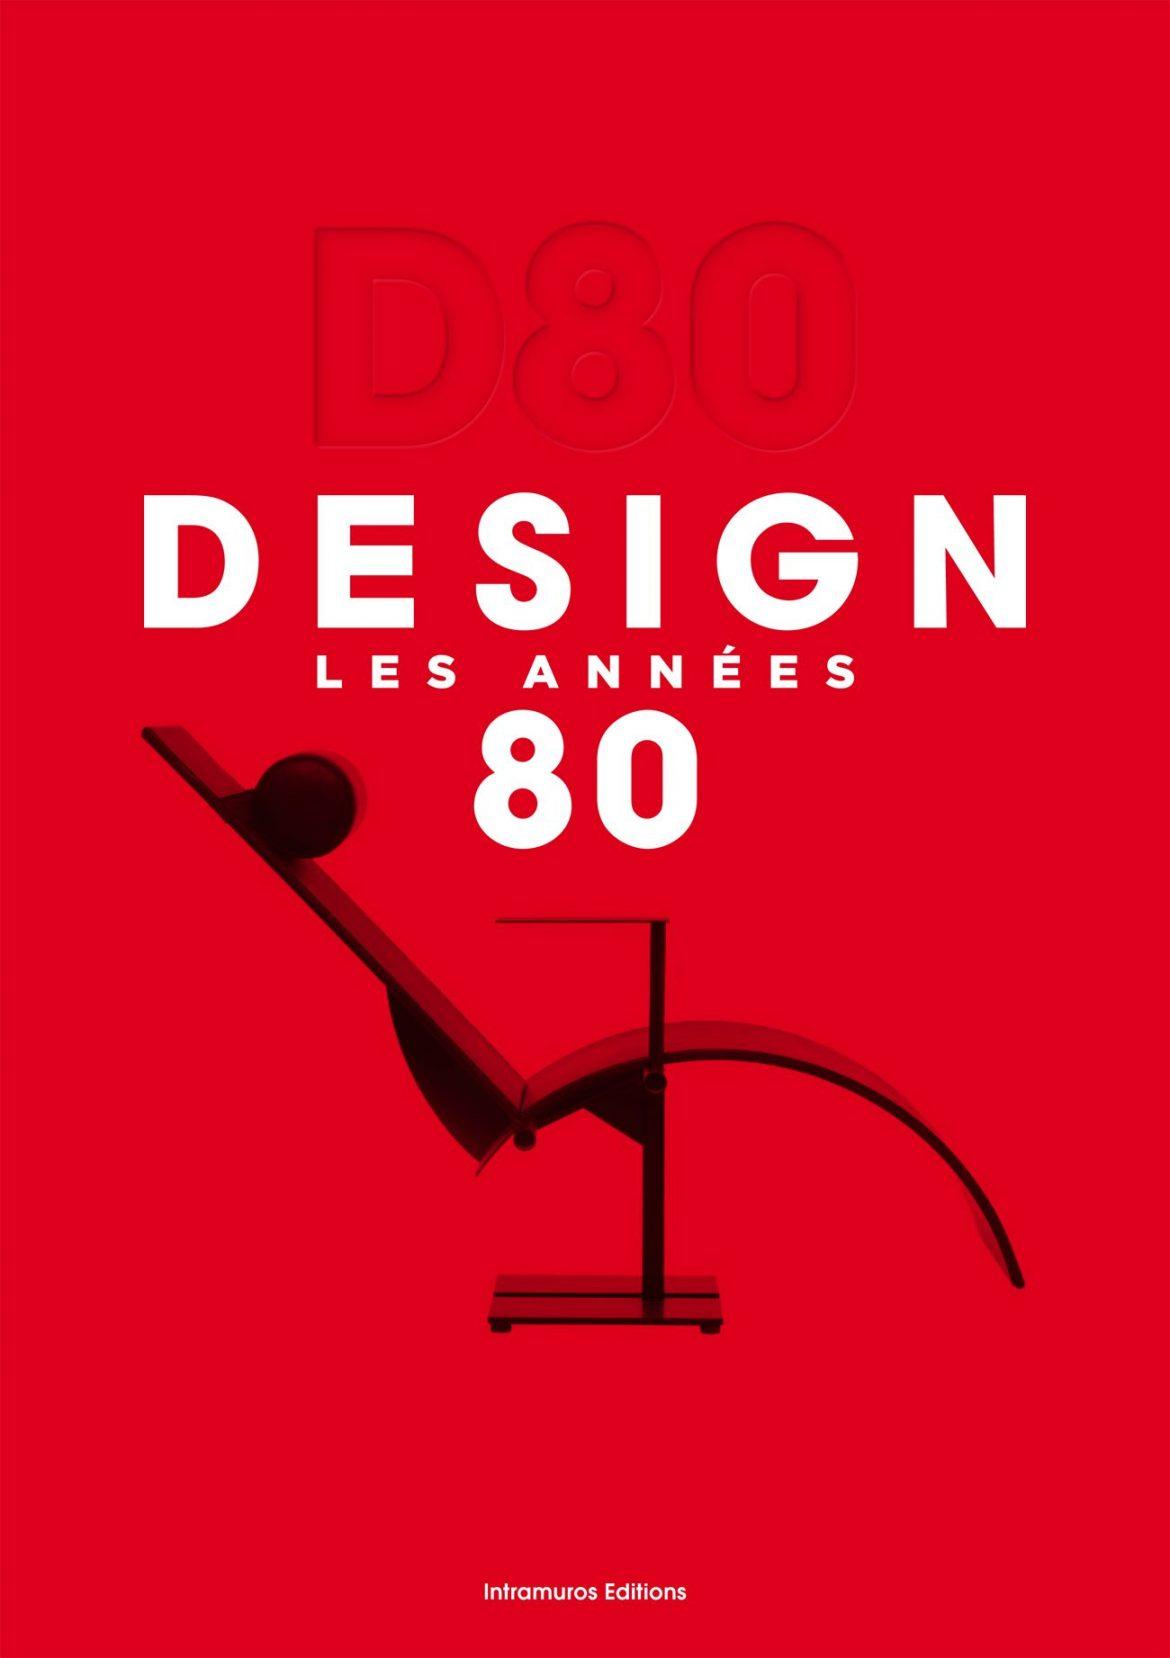 D80 1170x1658 - Le Design des années 80 selon Intramuros